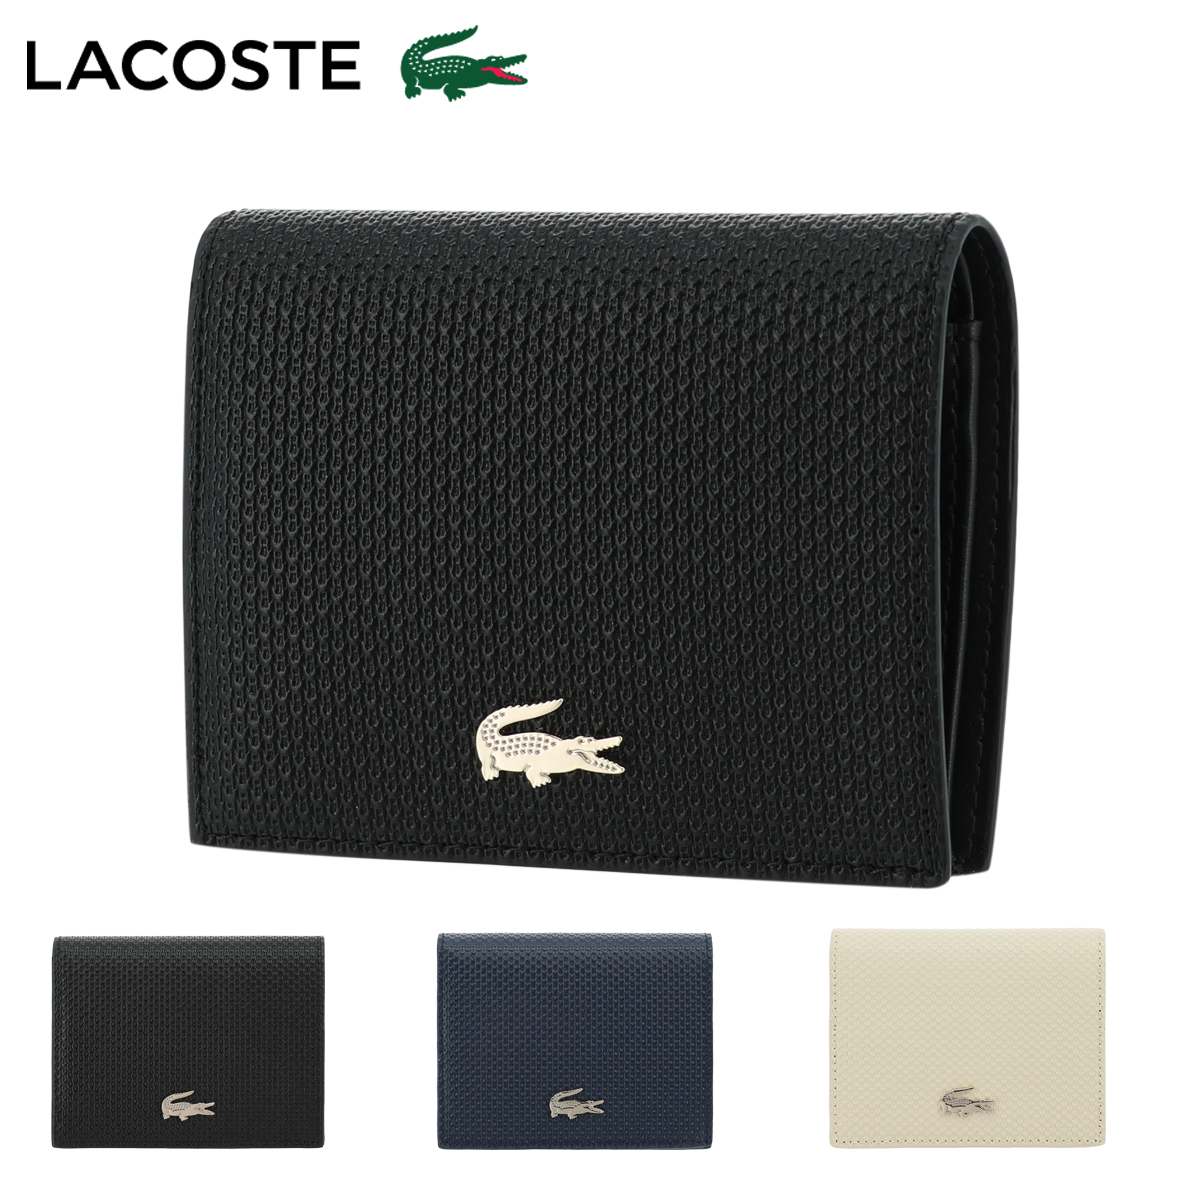 ラコステ 二つ折り財布 CHANTACO レディース NF2960C LACOSTE | 牛革 本革 レザー[即日発送][母の日]